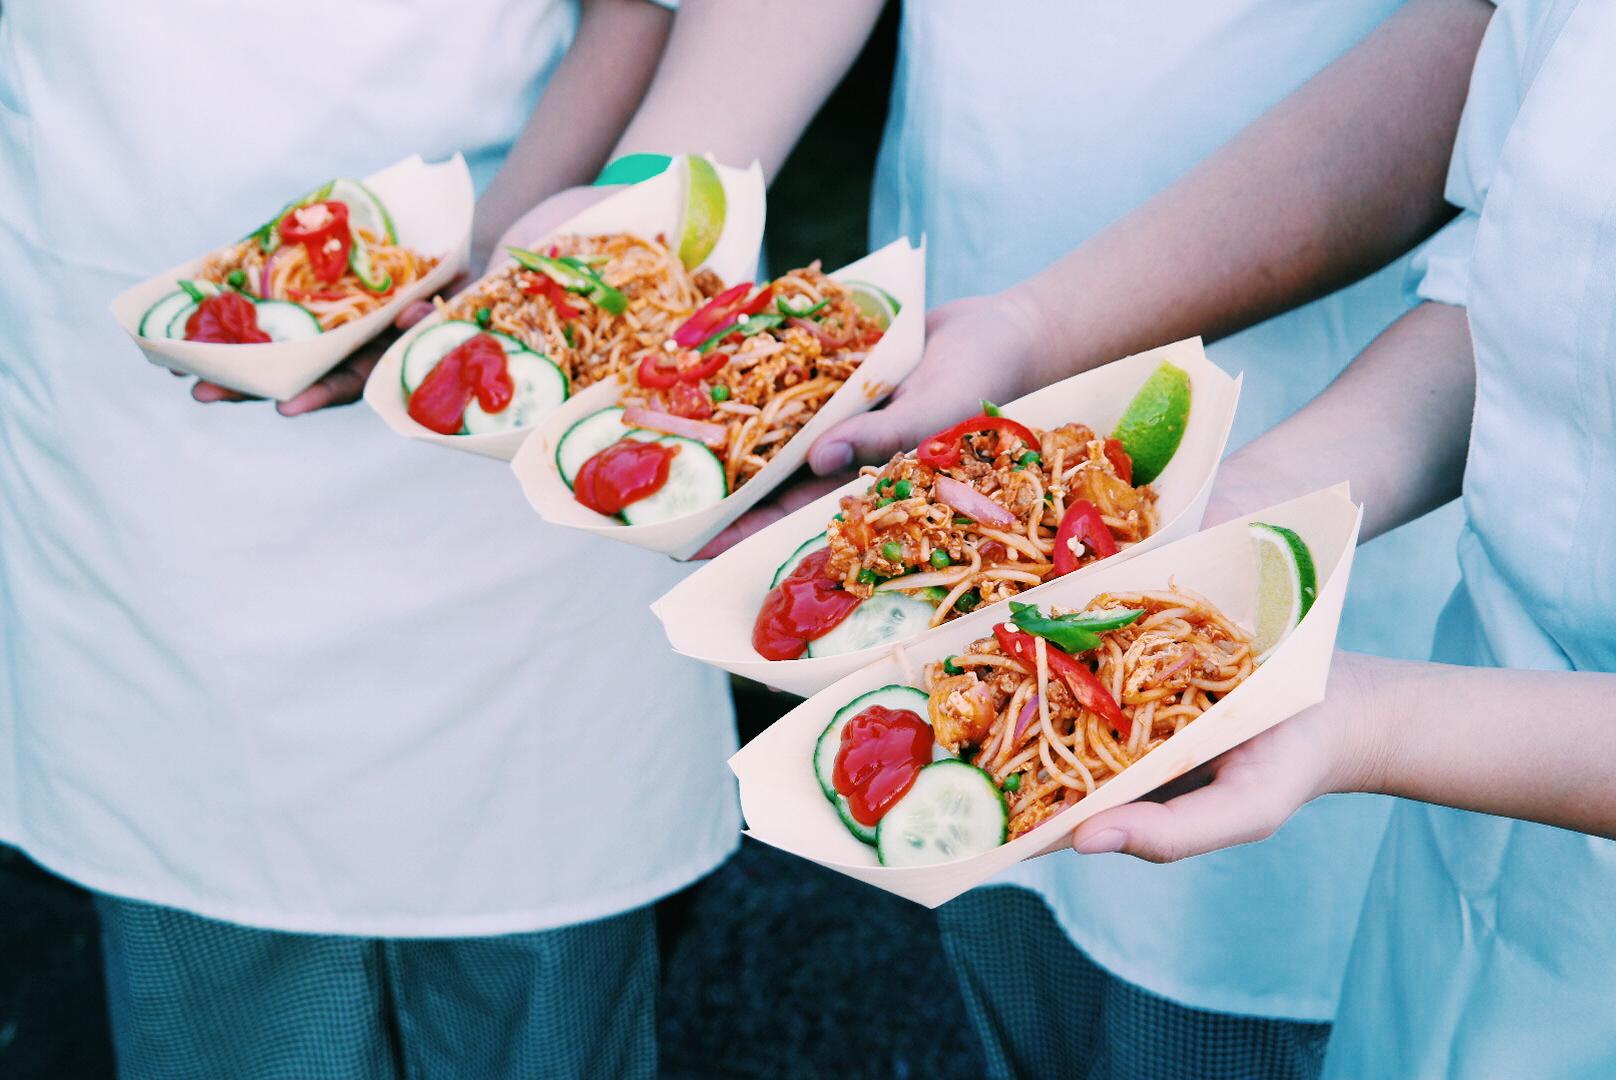 Indian-Mee-Goreng-nouilles-poêléées-à-lindienne-Saveurs-de-Singapour-en-France-sur-les-berges-de-Seine-Paris-street-food-spécialités-festival-juin-2015-photo-by-United-States-of-Paris-blog